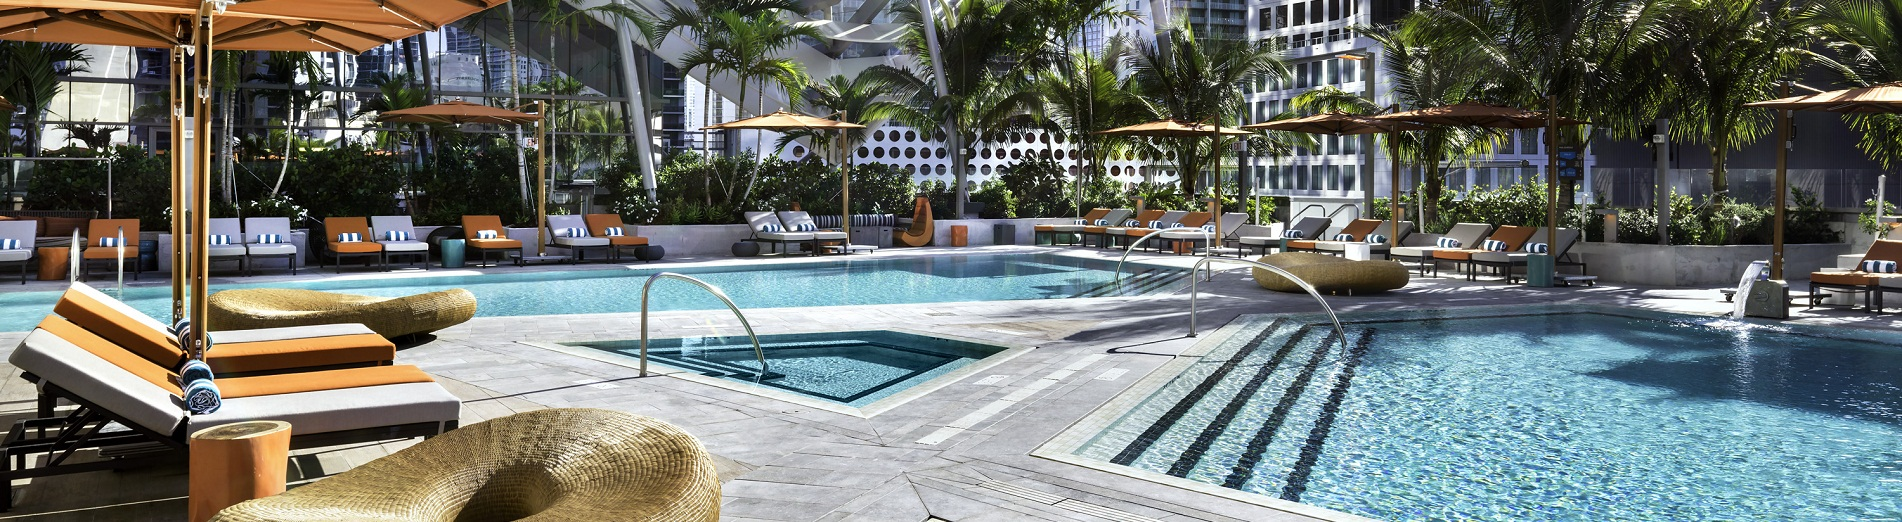 Piscinas lindas do hotel EAST Miami | foto: divulgação